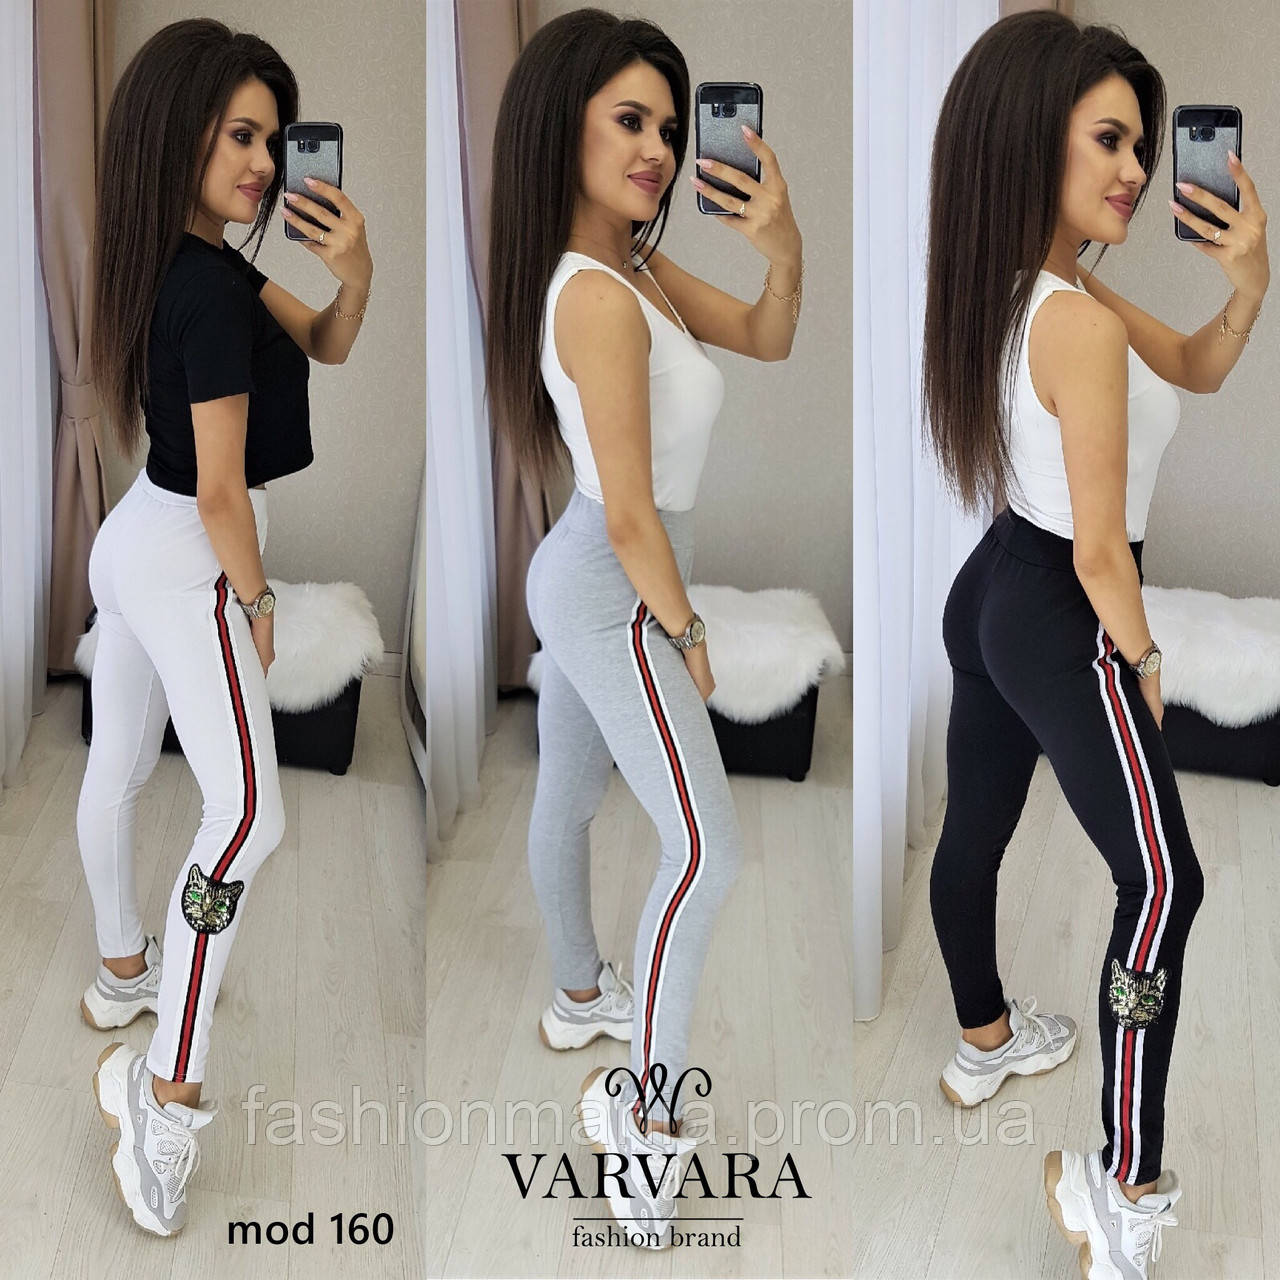 Спортивные штаны серые, белые, чёрные , фото 1